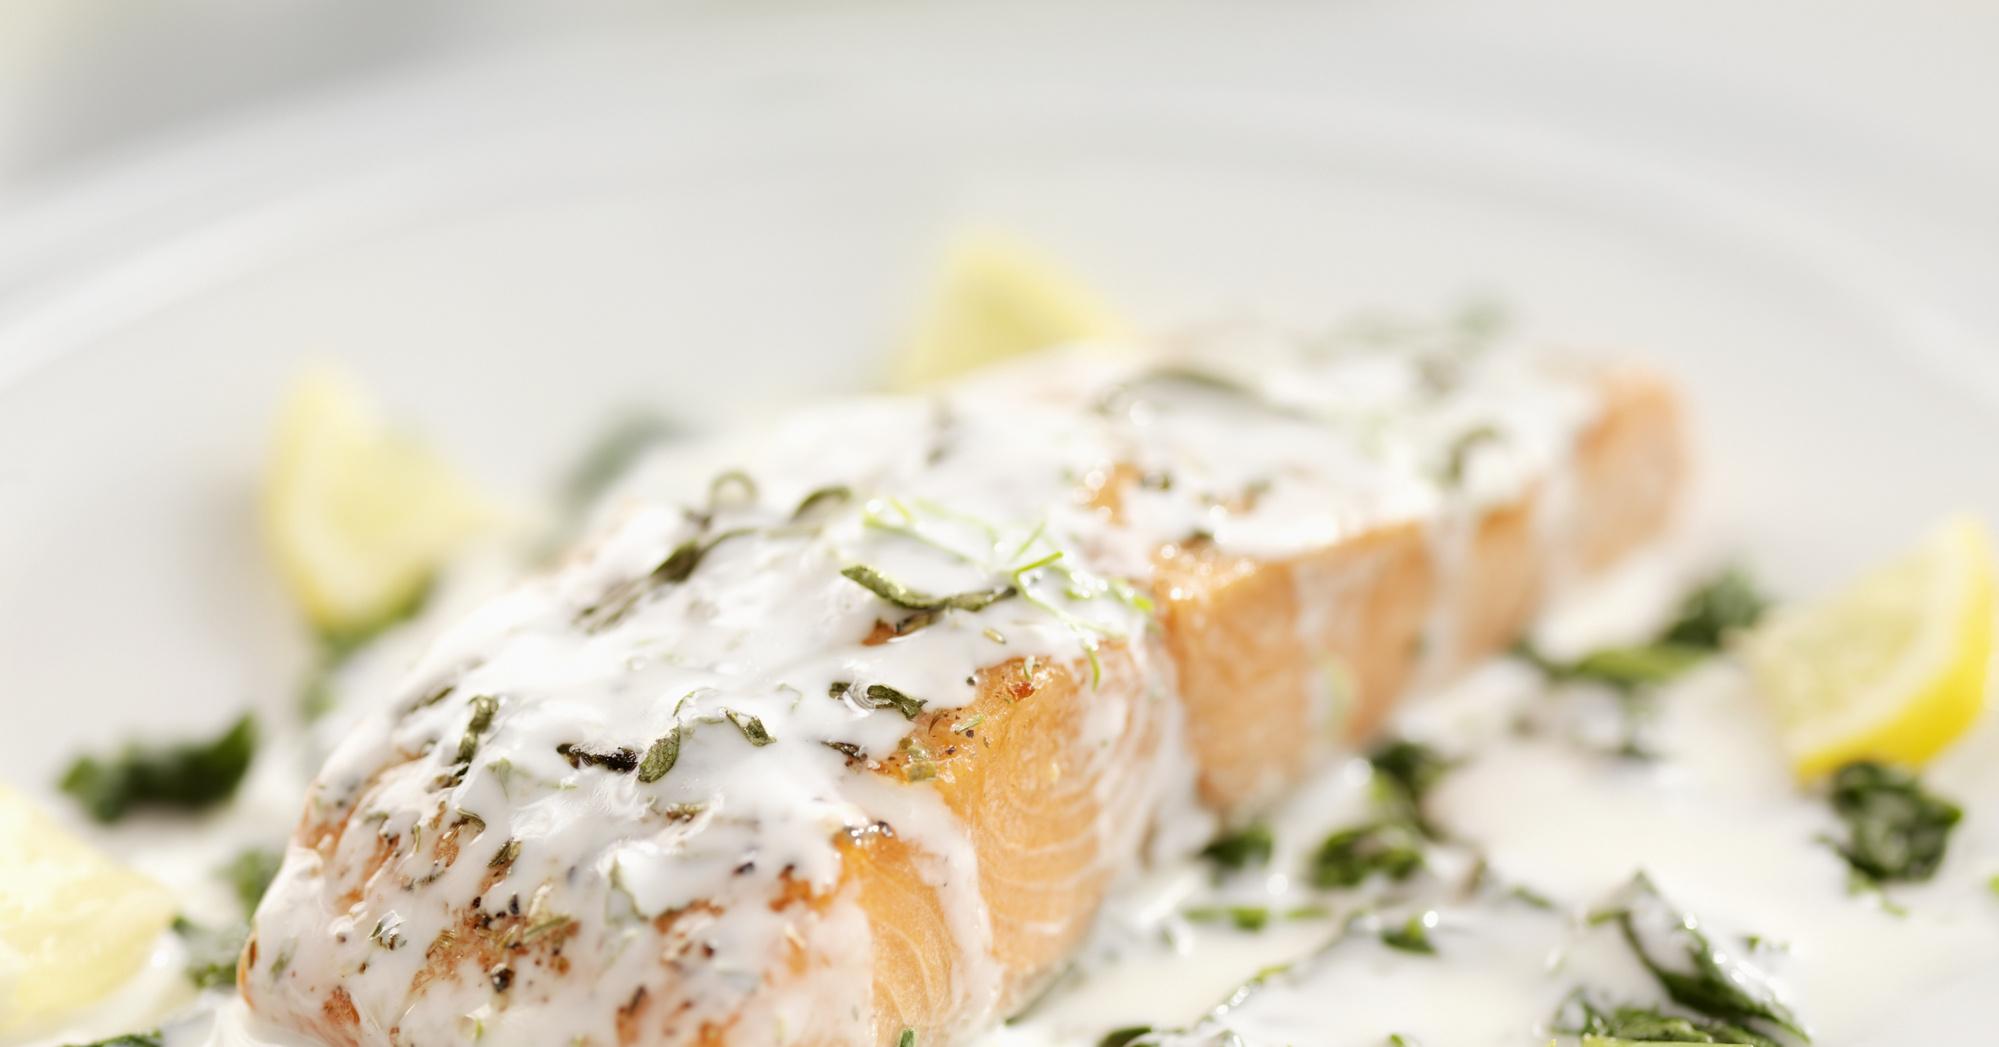 Рецепт лосося в сливочном соусе пошаговые фото